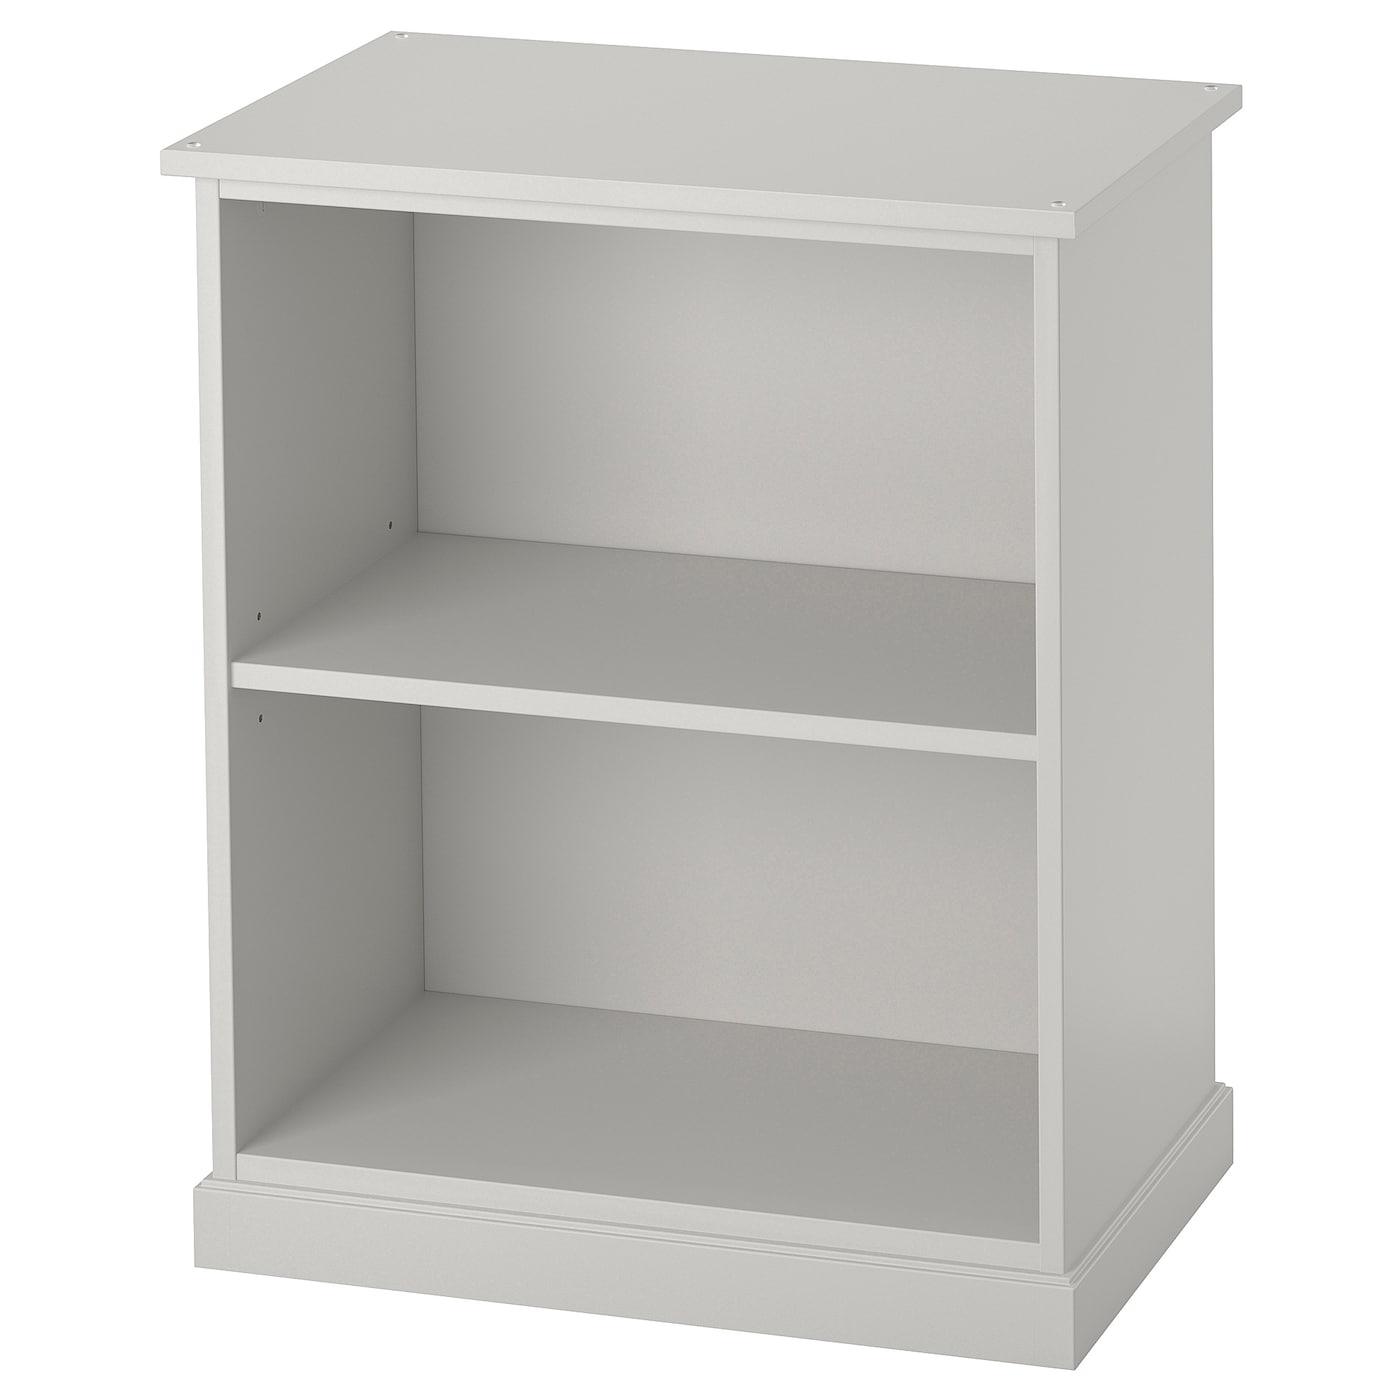 Gambe Per Mobili Ikea klimpen gamba per tavolo con contenitore - grigio grigio chiaro 58x70 cm